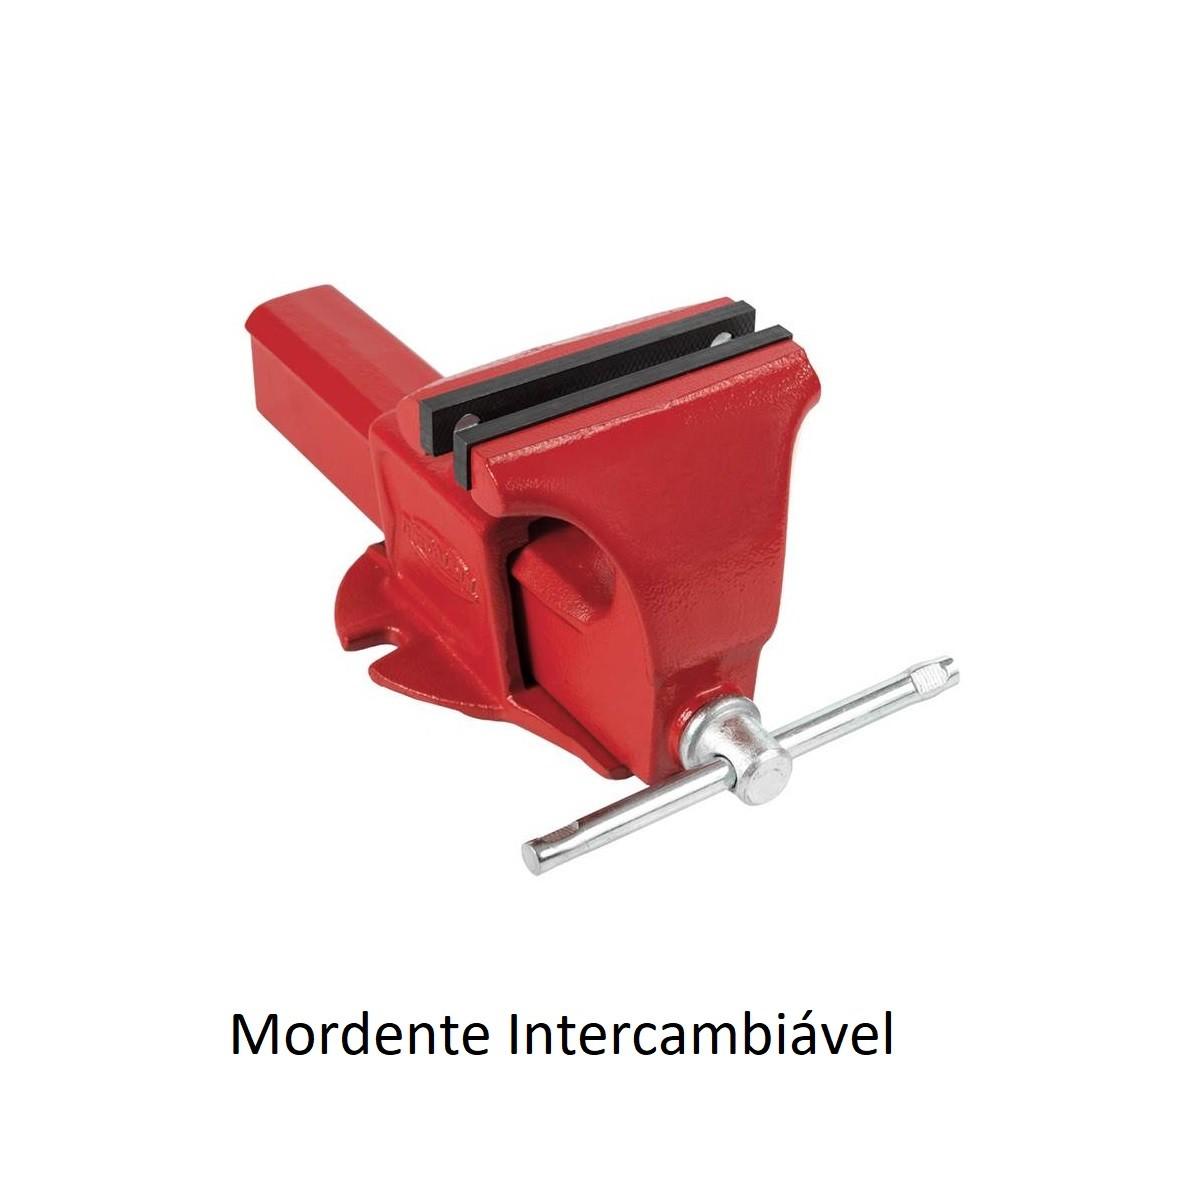 Morsa Torno de Bancada Nr4 Mordente Intercambiável Metalsul